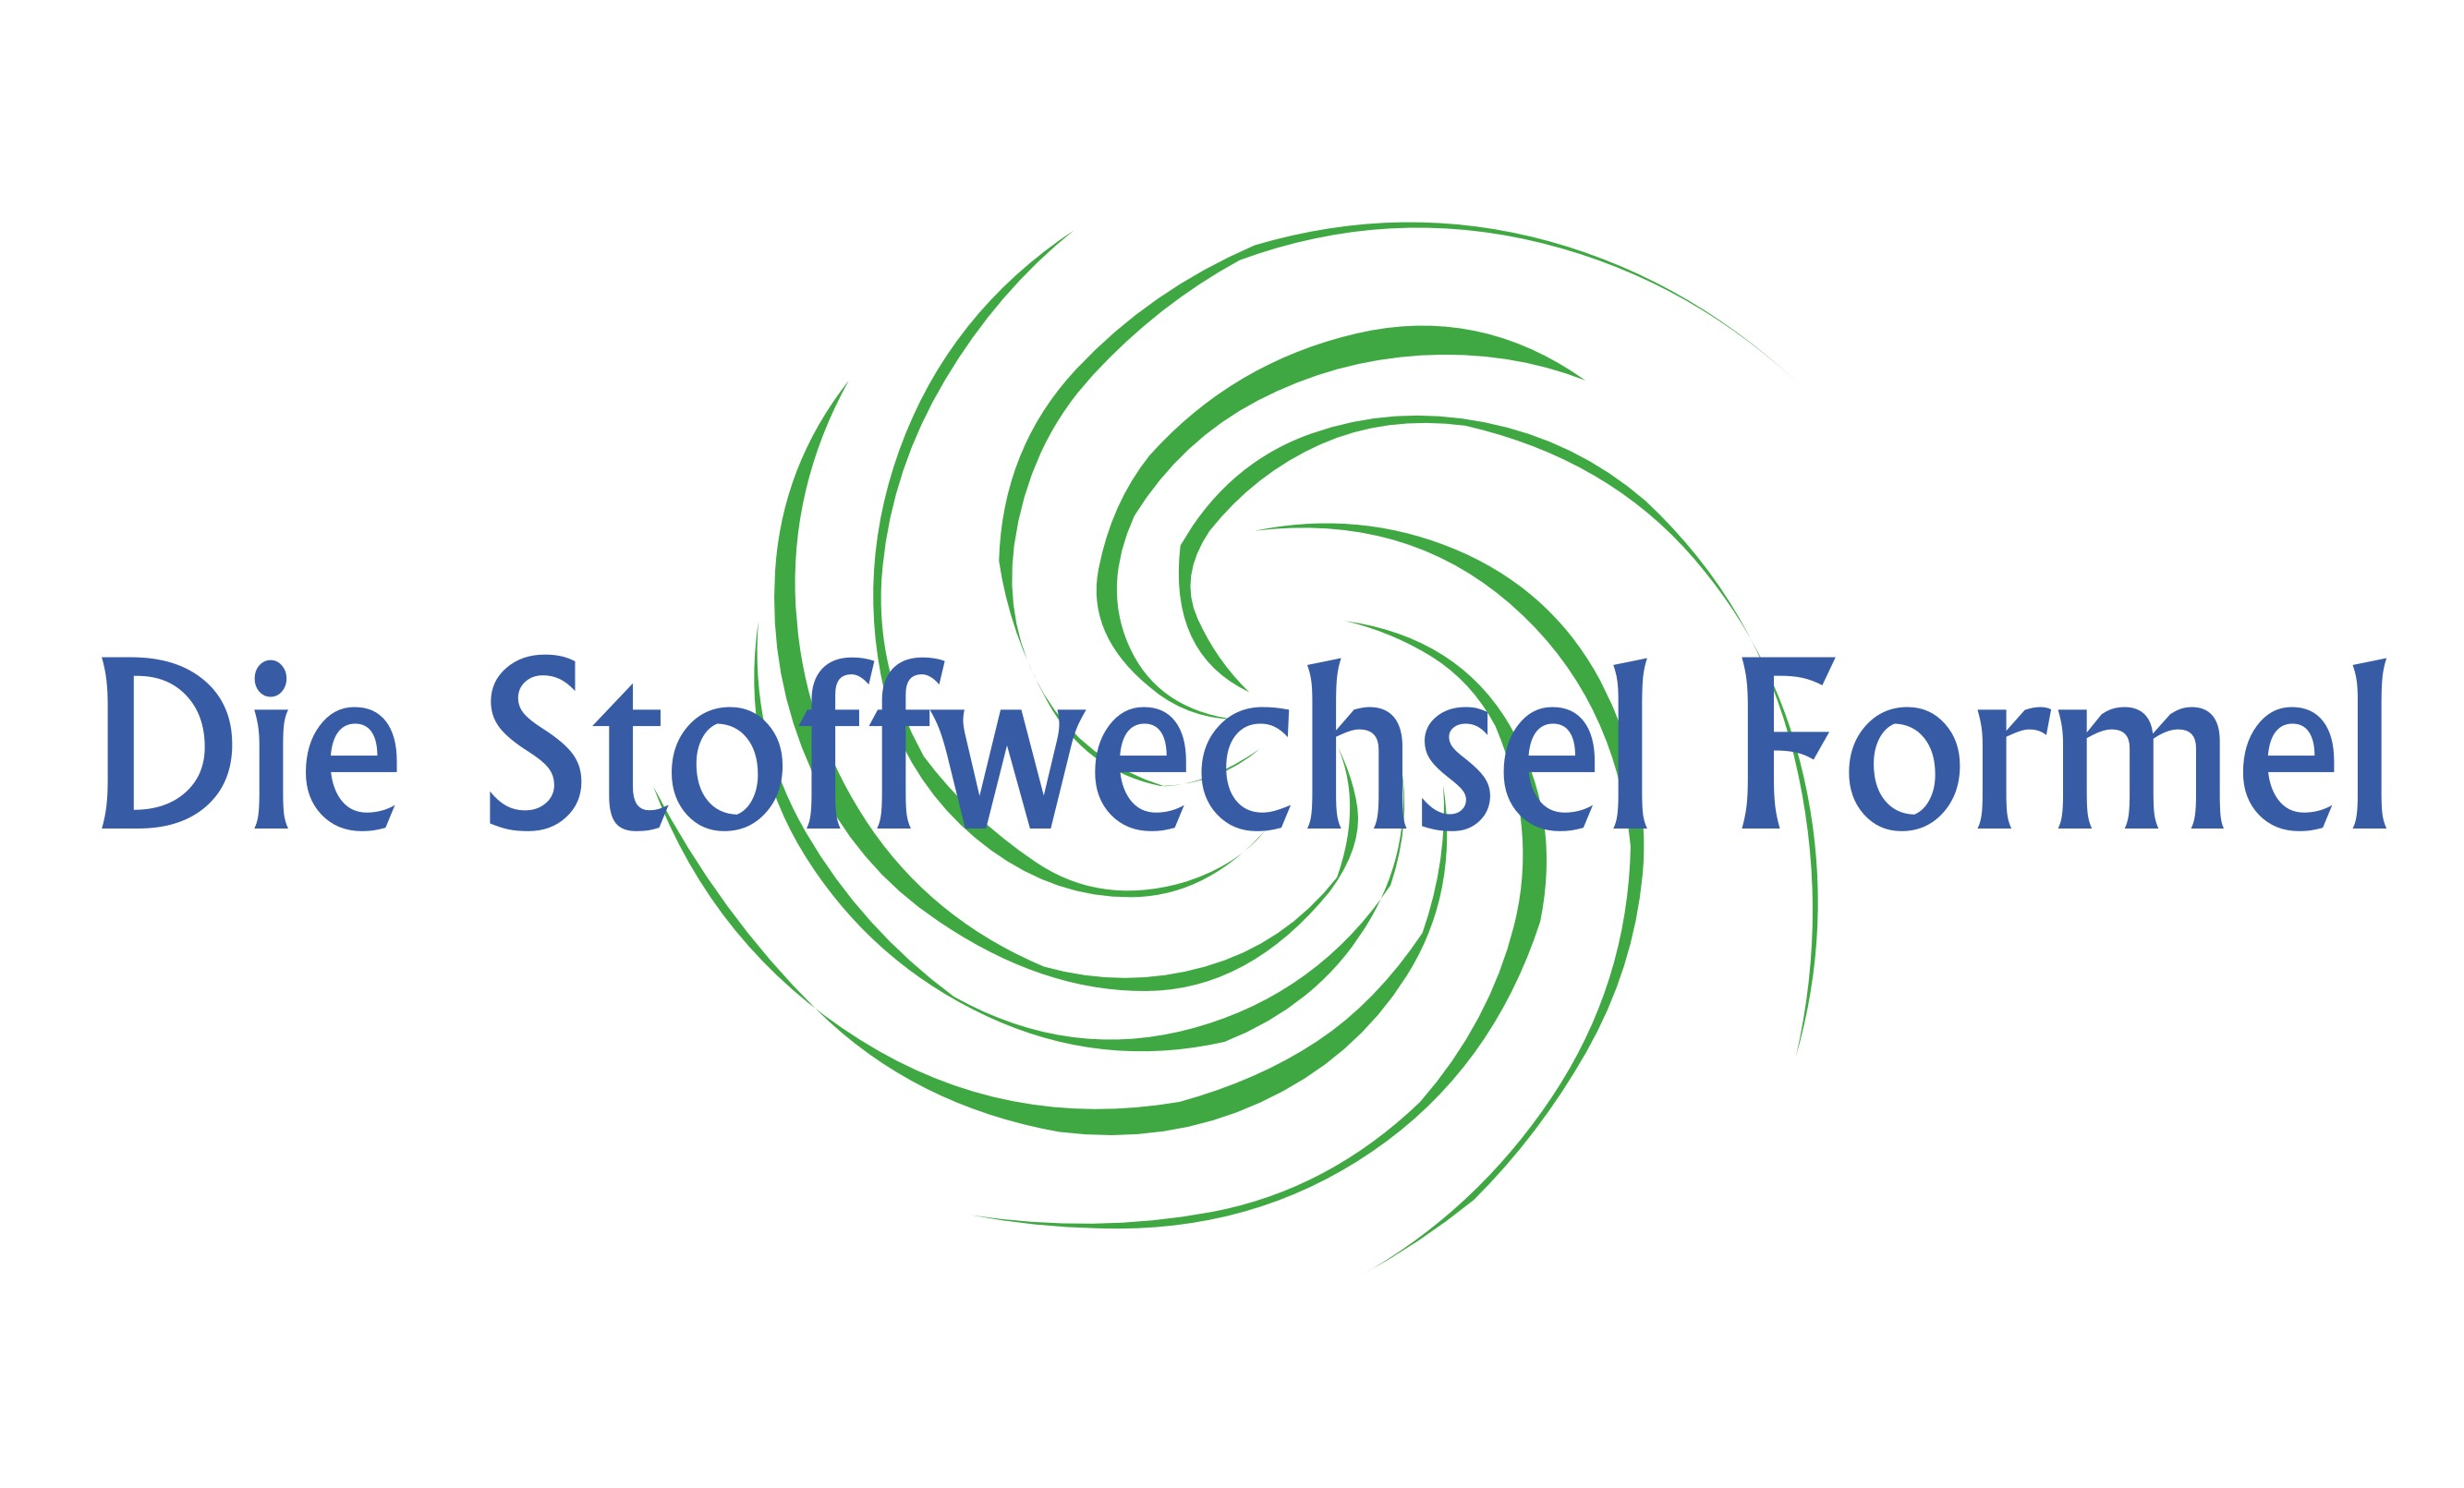 Stoffwechsel-Formel Logo